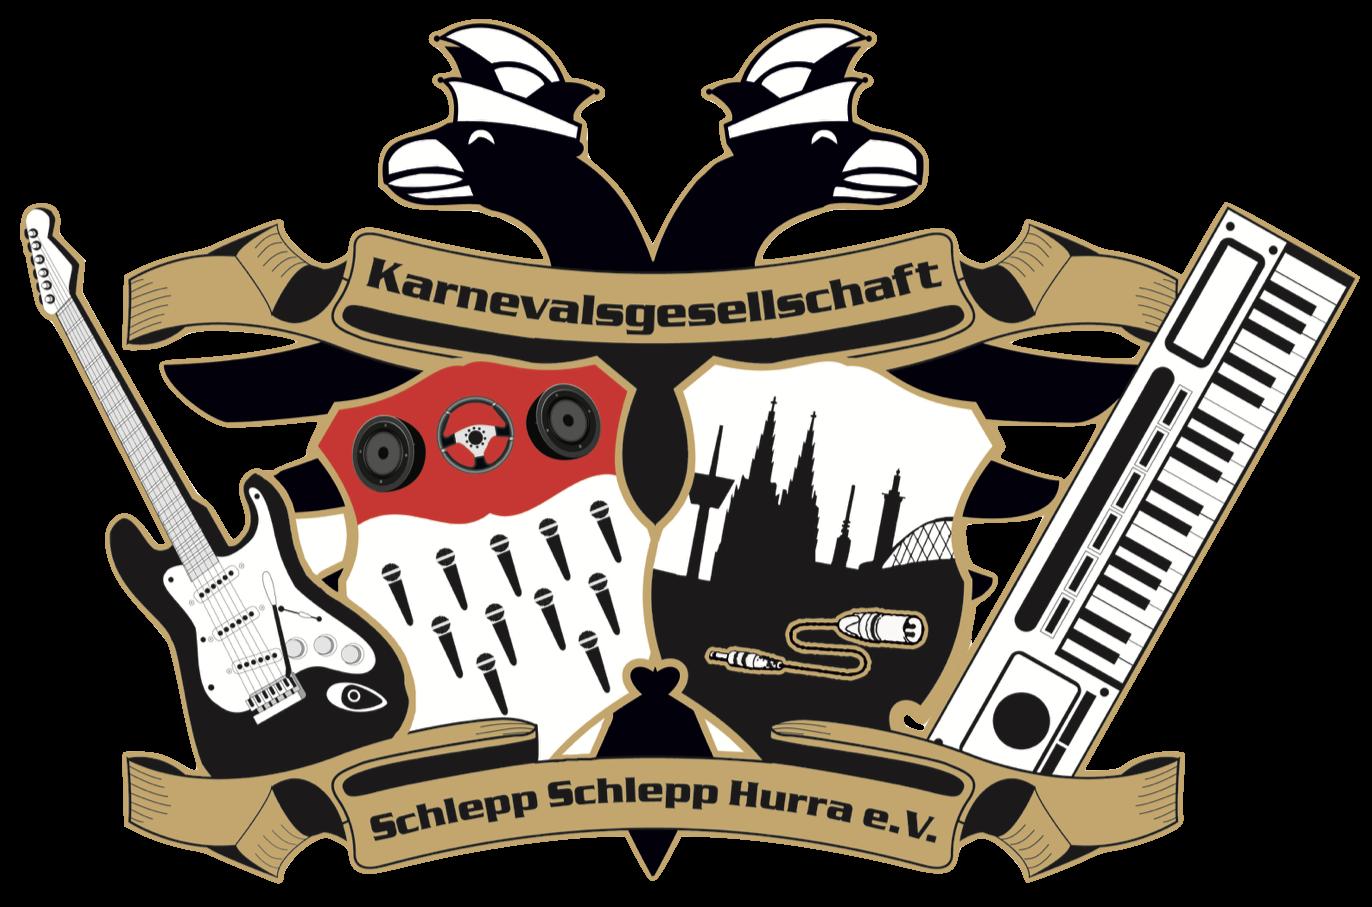 Die Karnevalsgesellschaft der Roadies, Techniker und Fahrer im Kölner Karneval ...